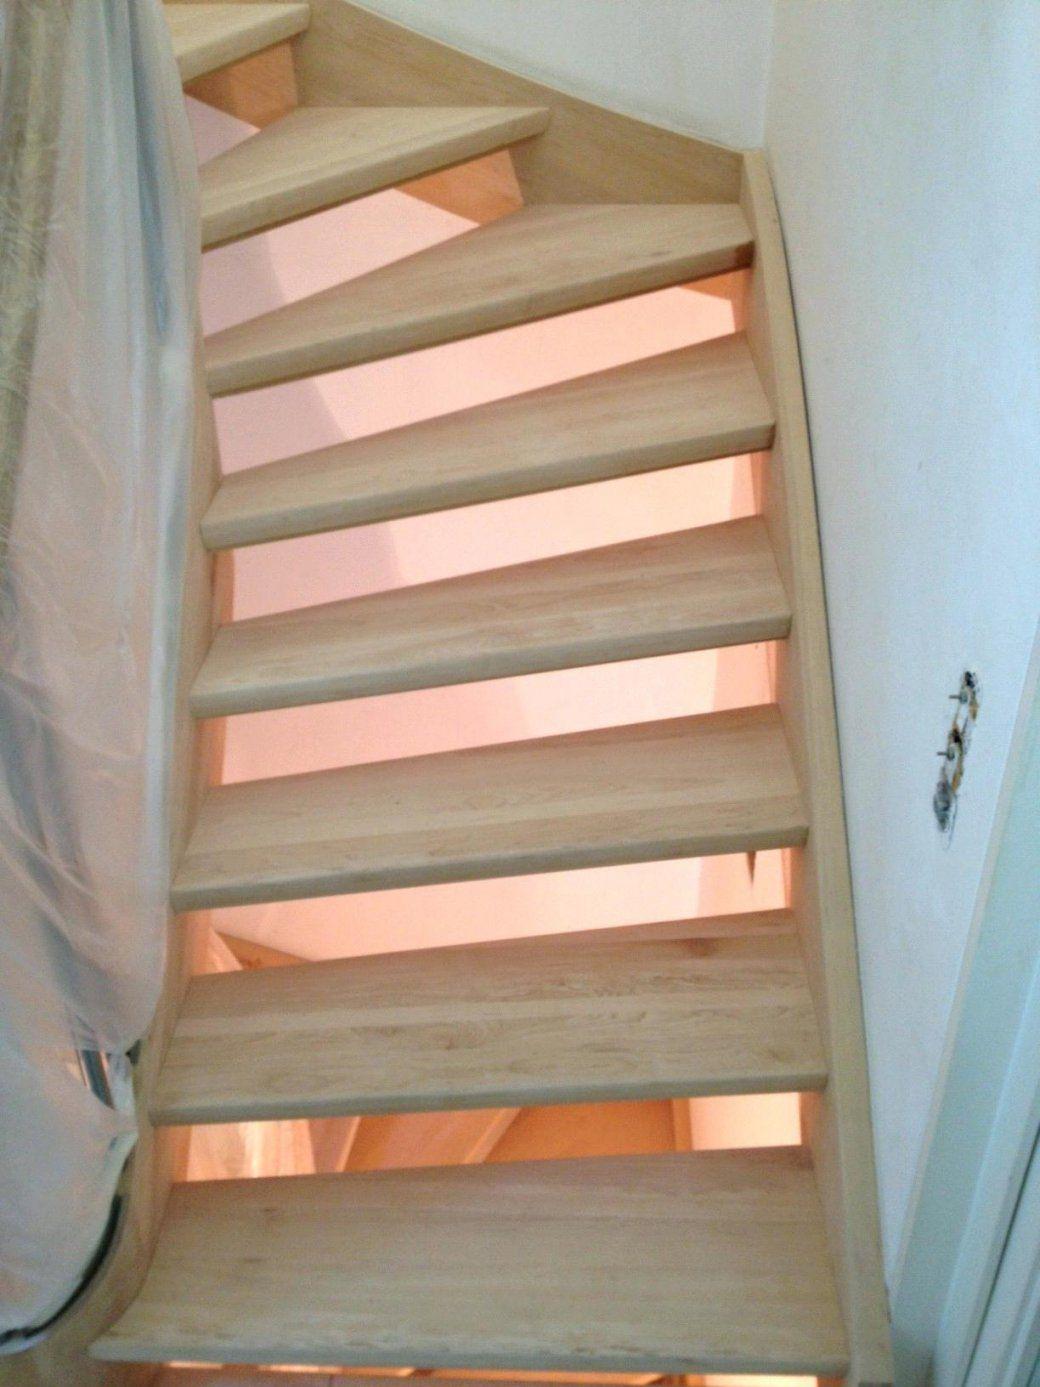 treppe neu streichen best auf der treppe neuen with treppe neu streichen wohndesign schn neue. Black Bedroom Furniture Sets. Home Design Ideas